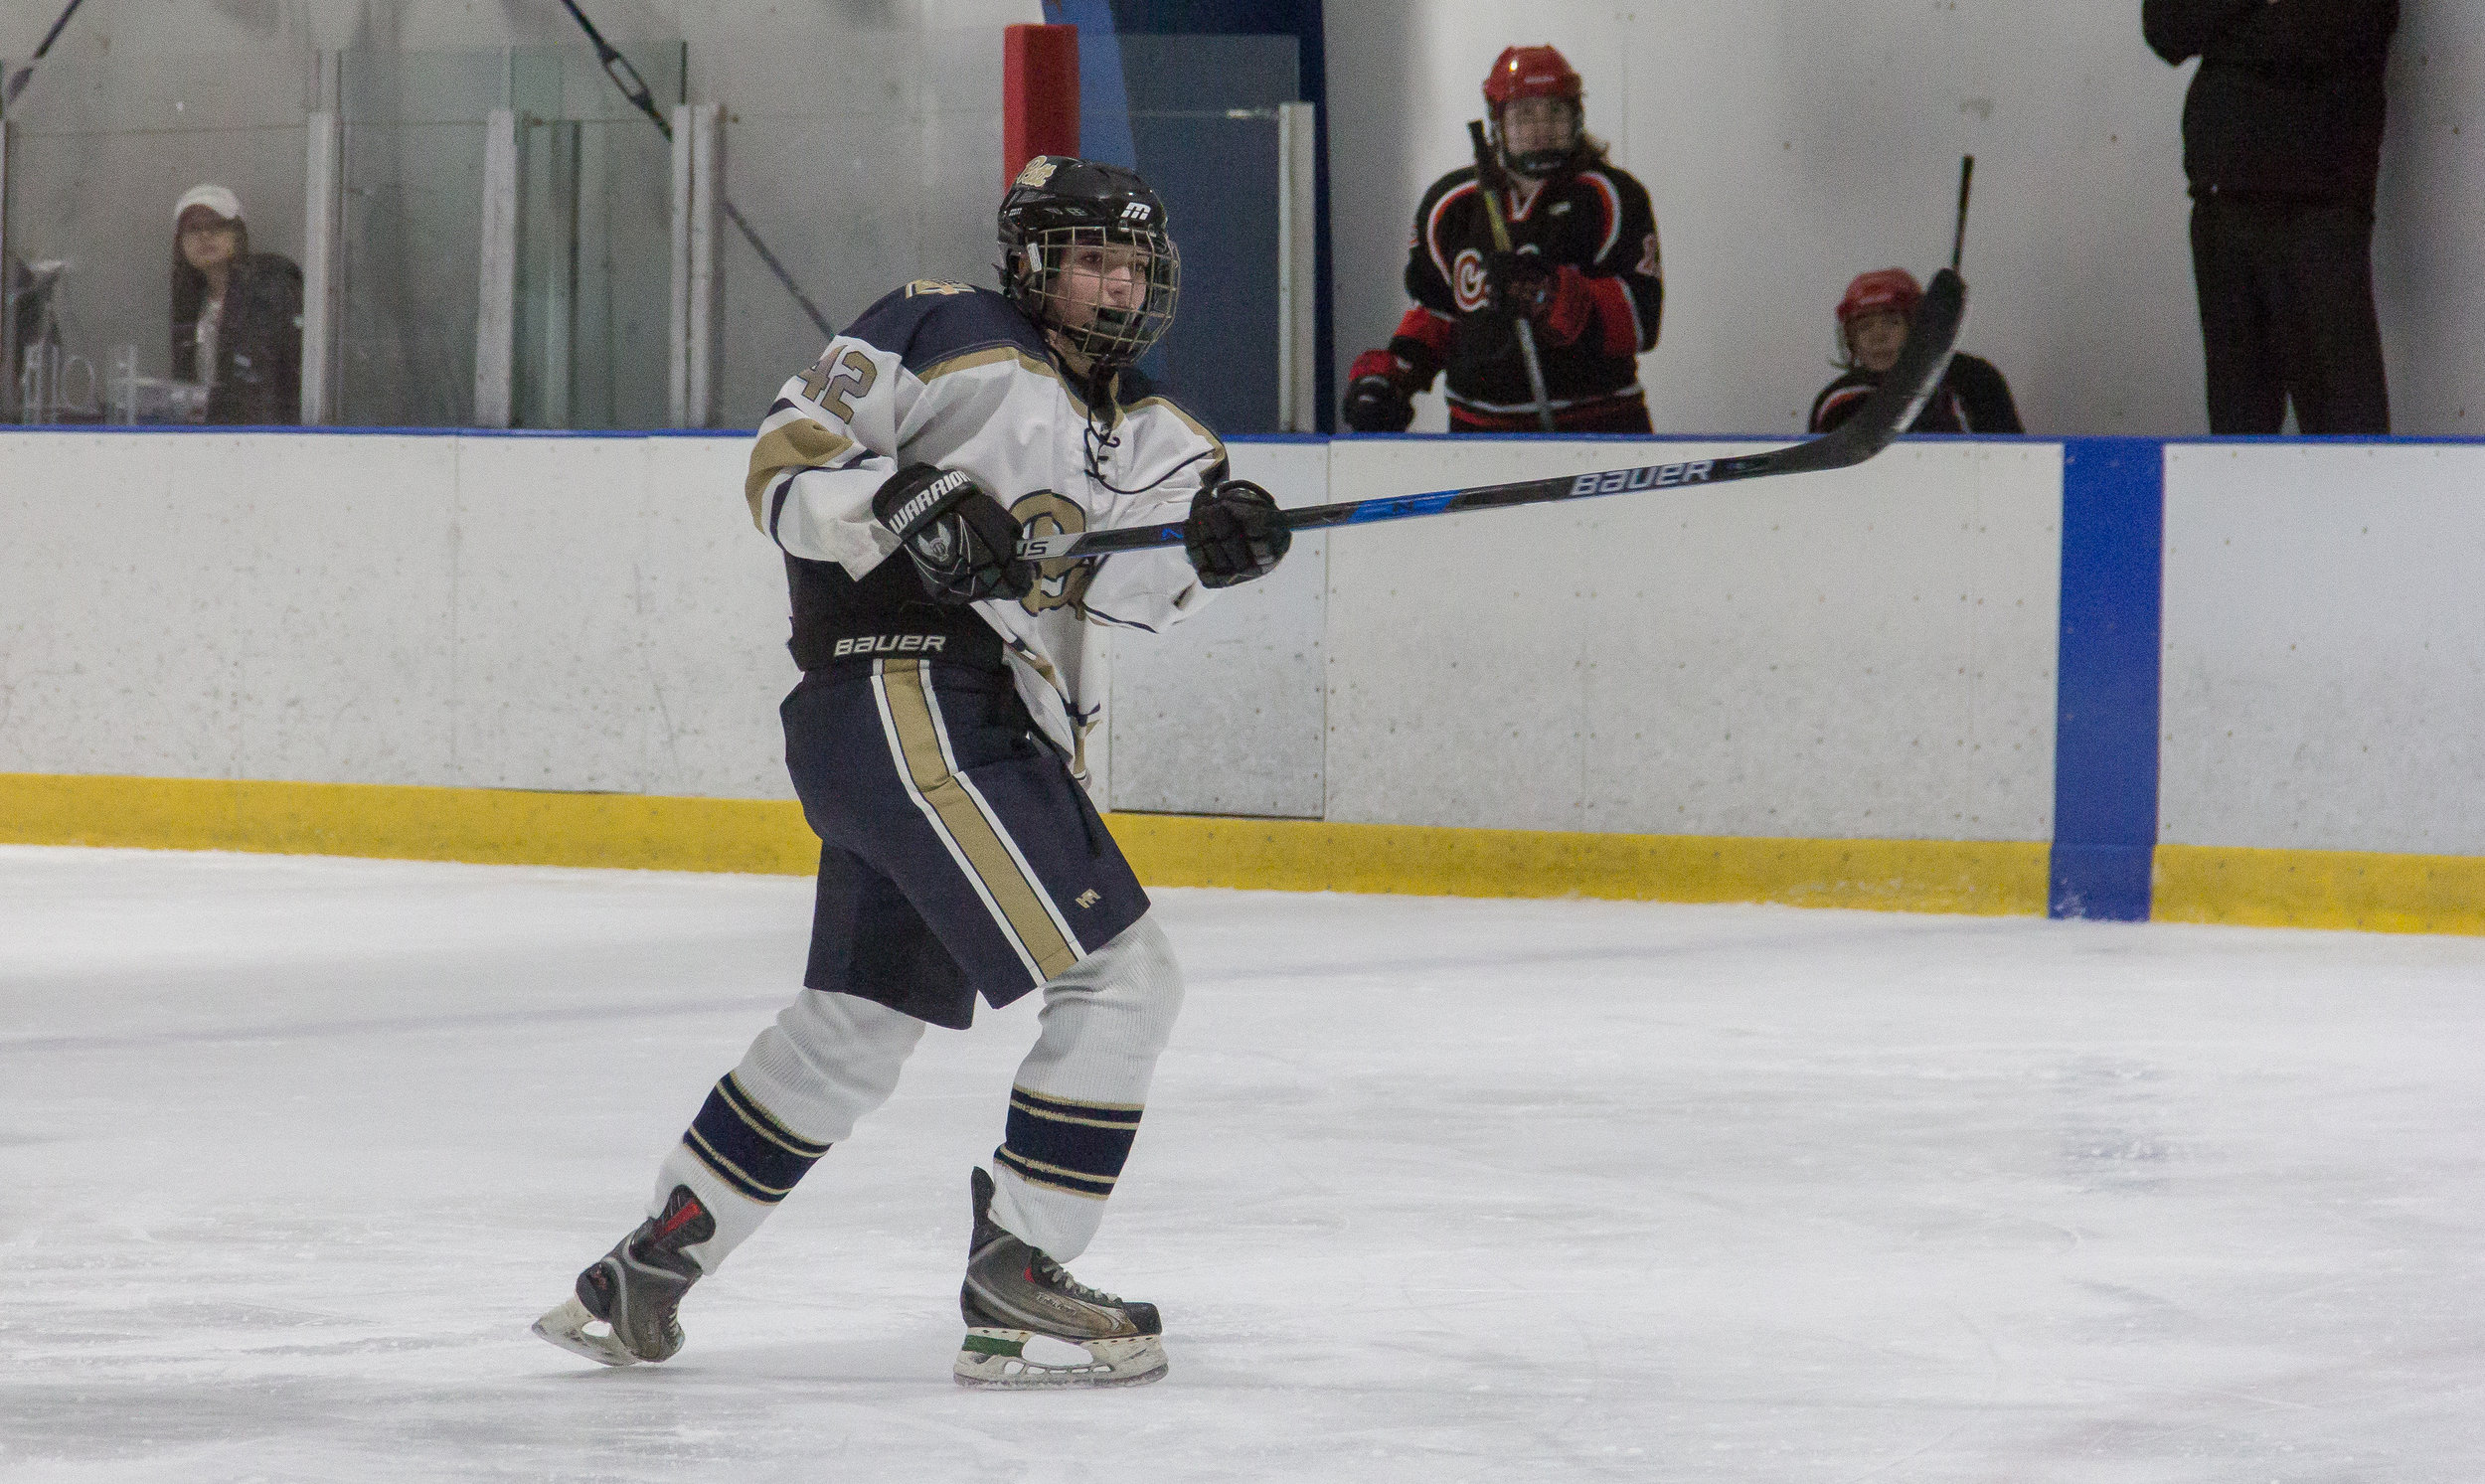 PittHockey-43.jpg